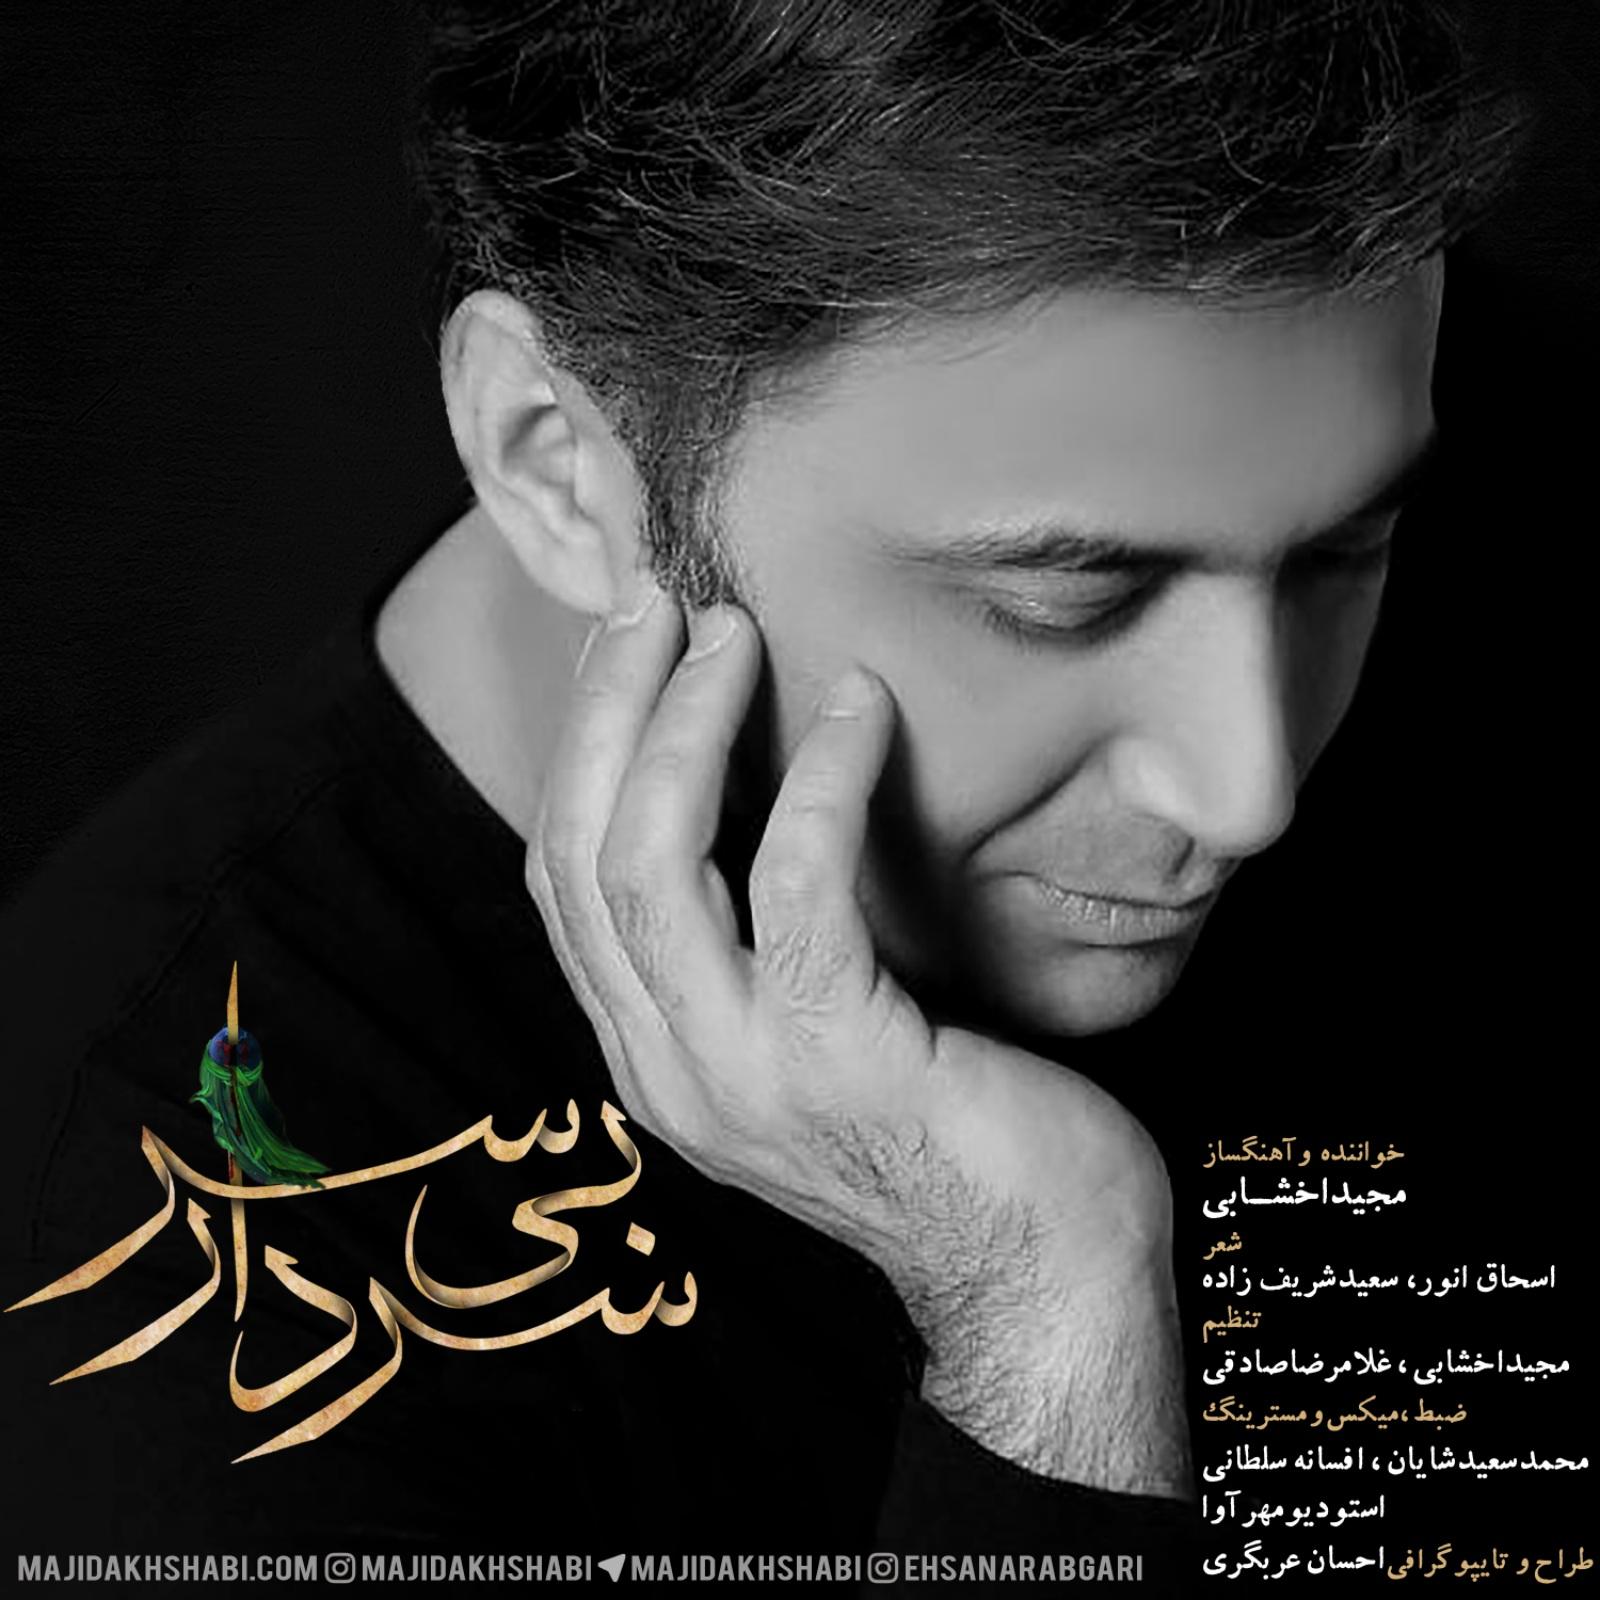 دانلود آهنگ سردار بی سر با صدای مجید اخشابی